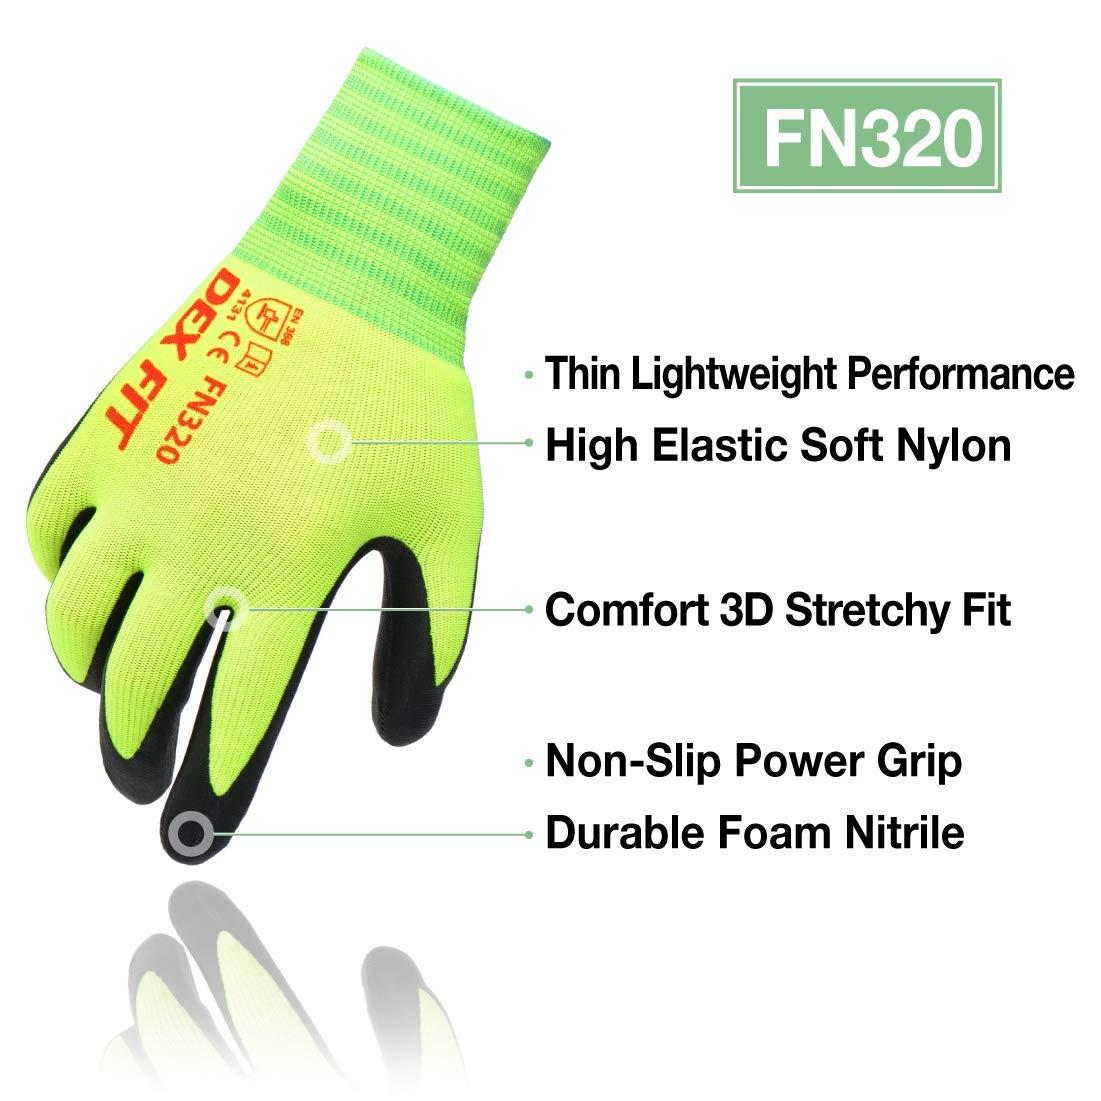 Gants Jardinage Anti Coupure Level A2 CR533 Mousse Nitrile Durable 3D Comfort Stretch Fit Mince Lavable en machine Smart Touch Gris Petit 3 Pairs Power Grip